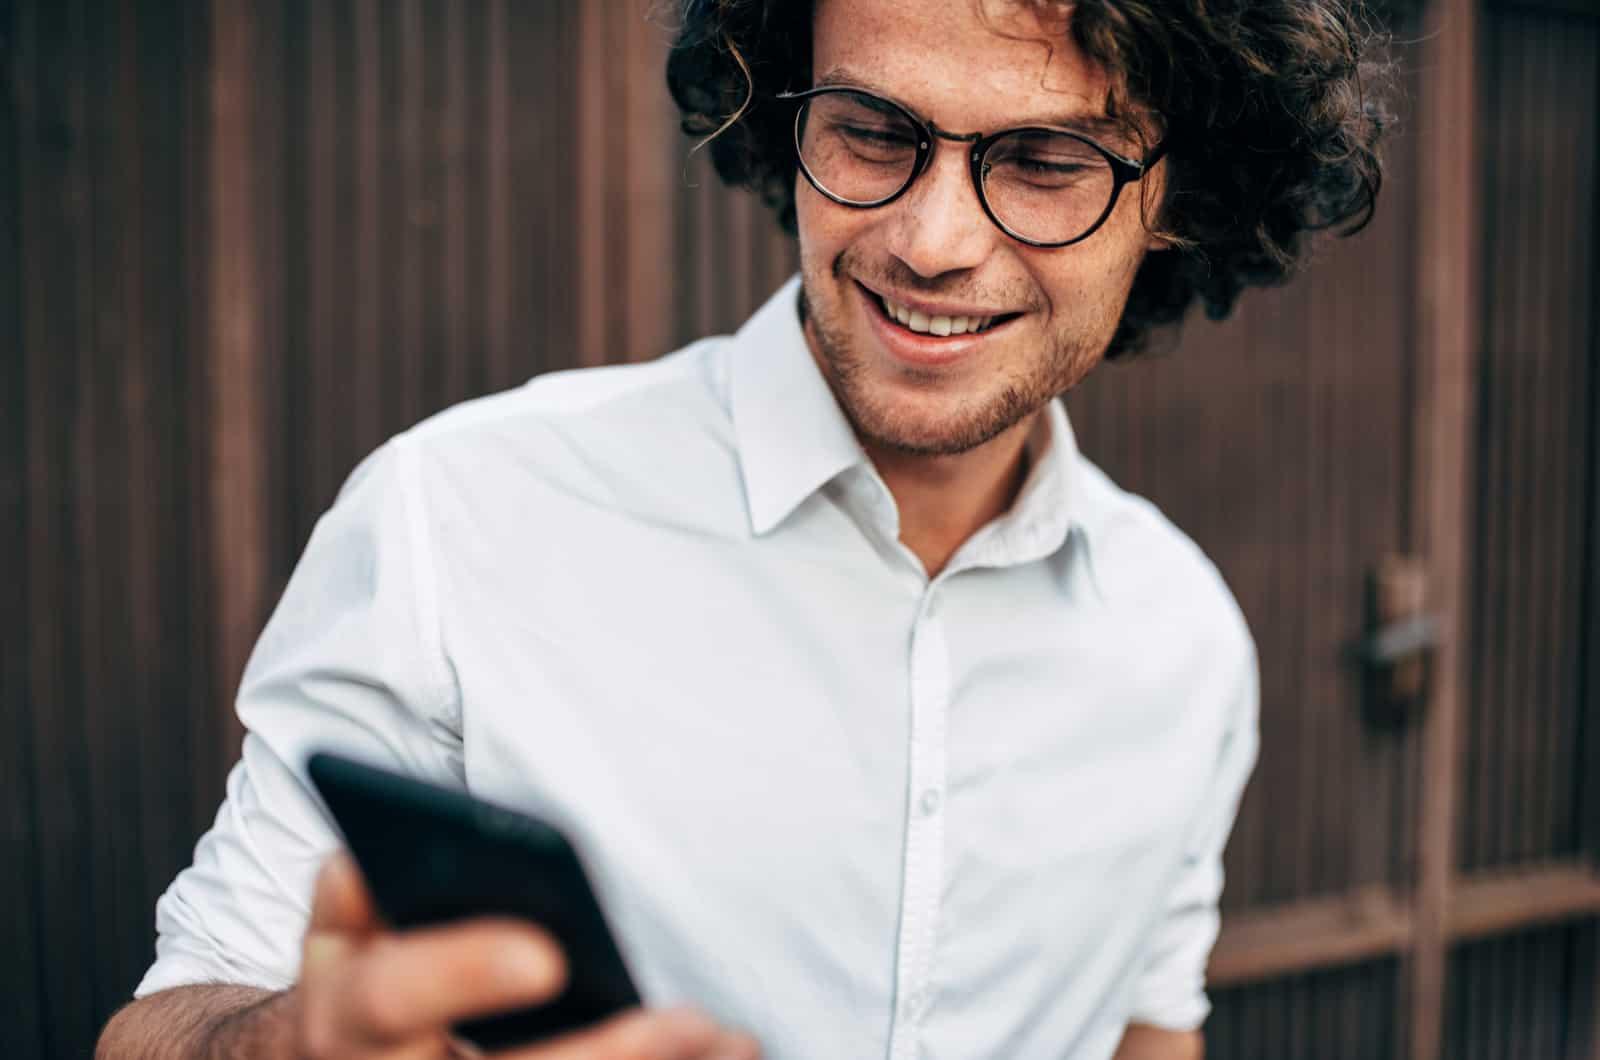 mann schaut auf telefon und lachelt